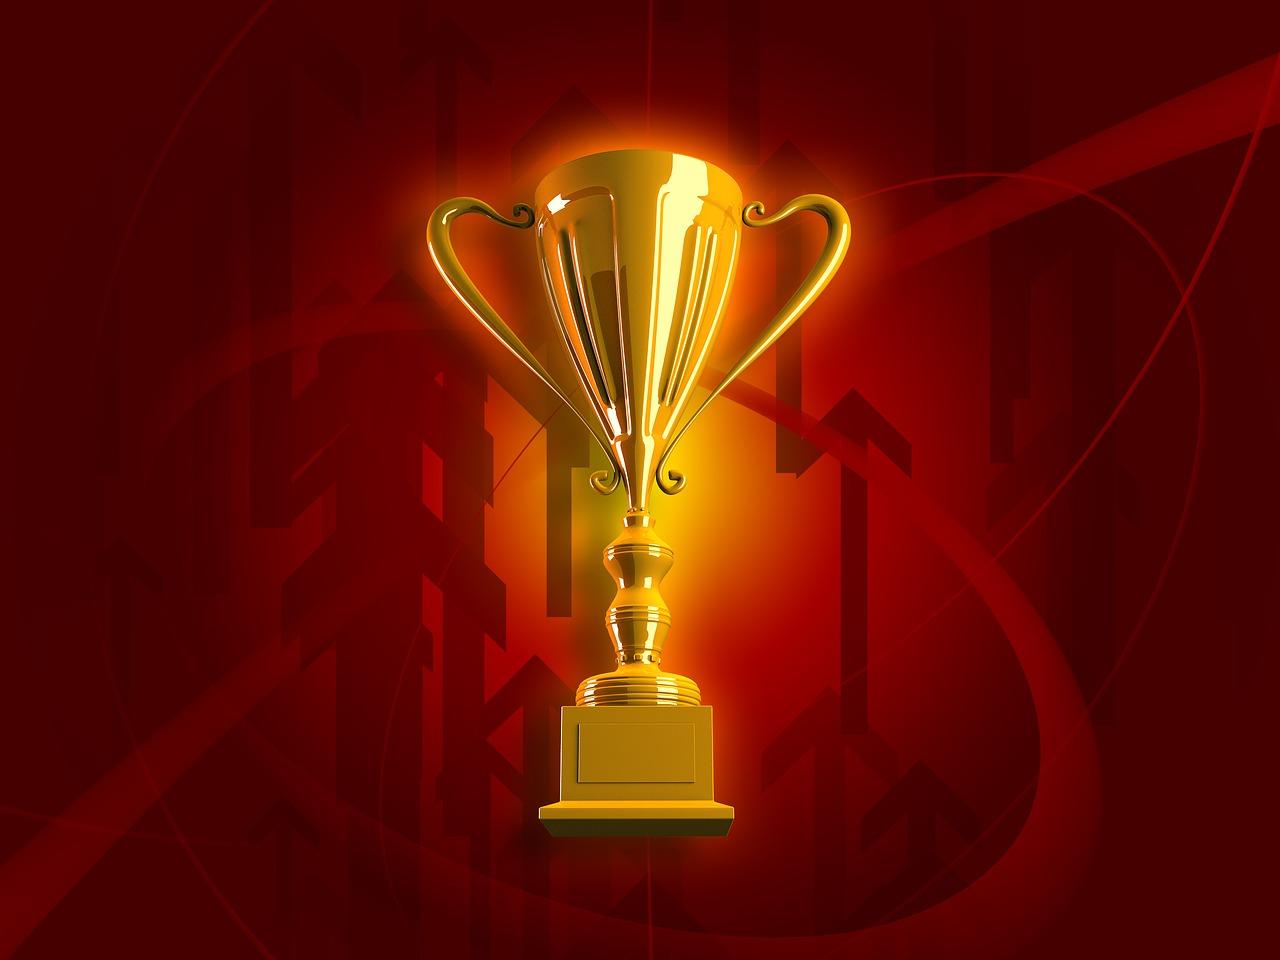 zlatý pohár